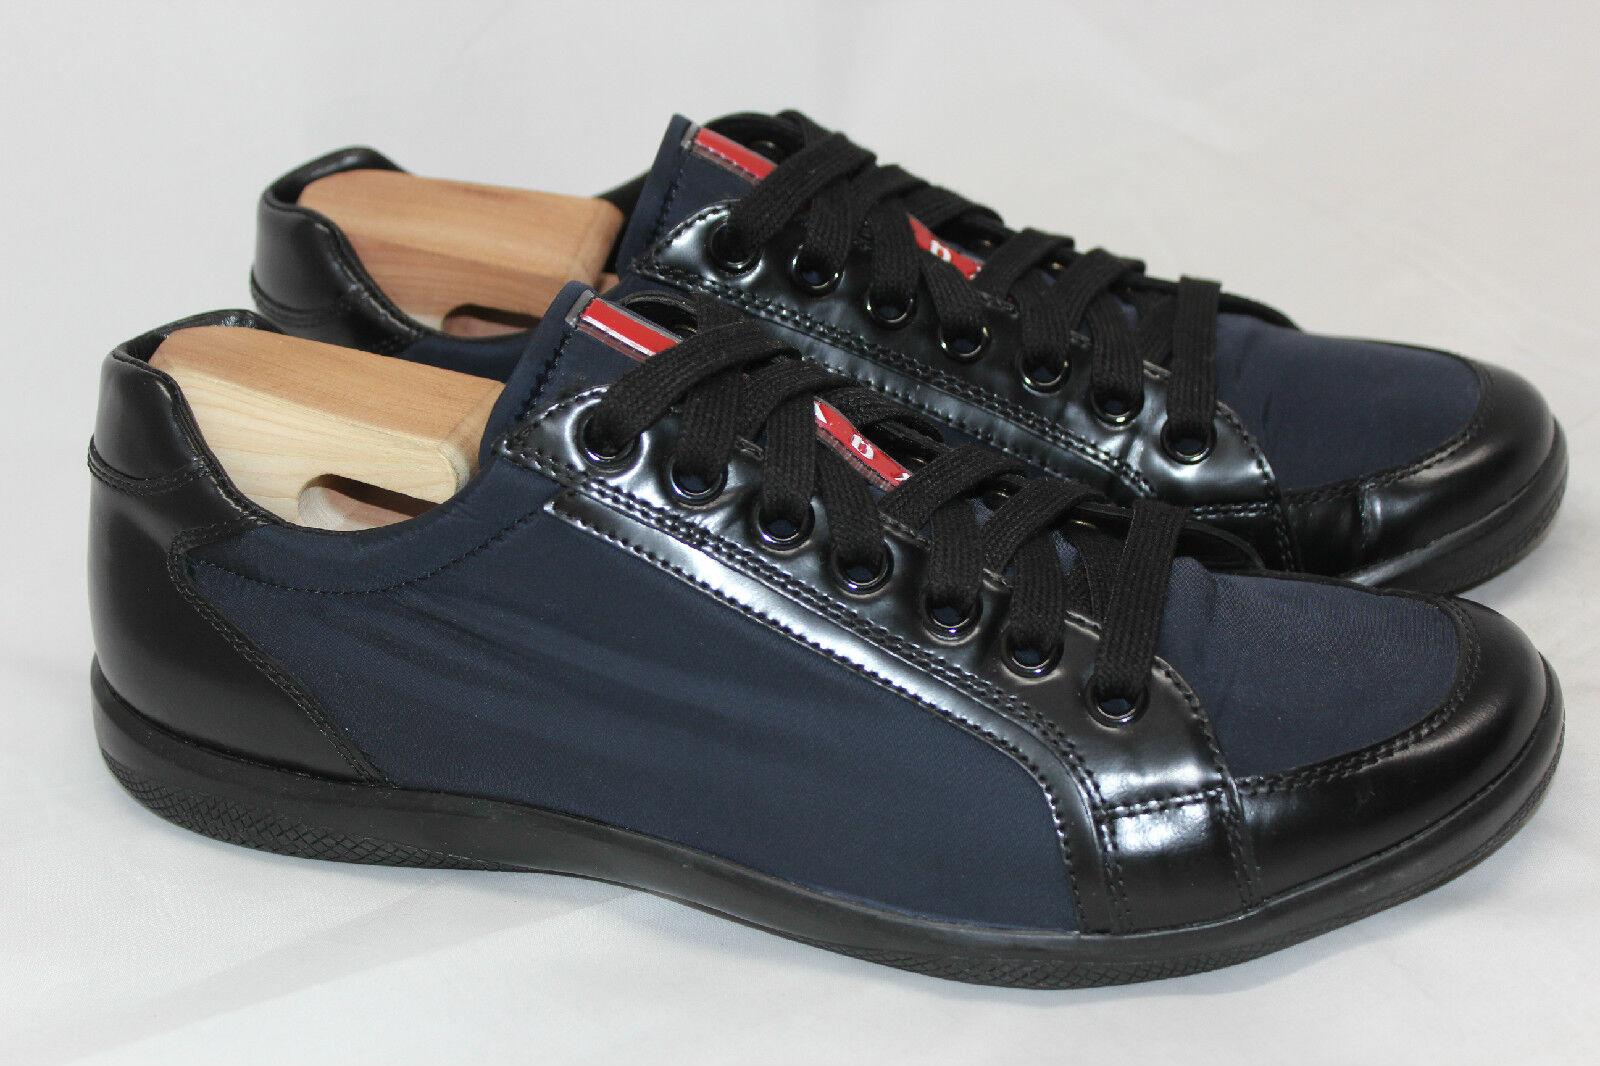 Prada 'Offshore' scarpe da ginnastica Lace Up - Navy blu - 8US   7E 2439 (V4)